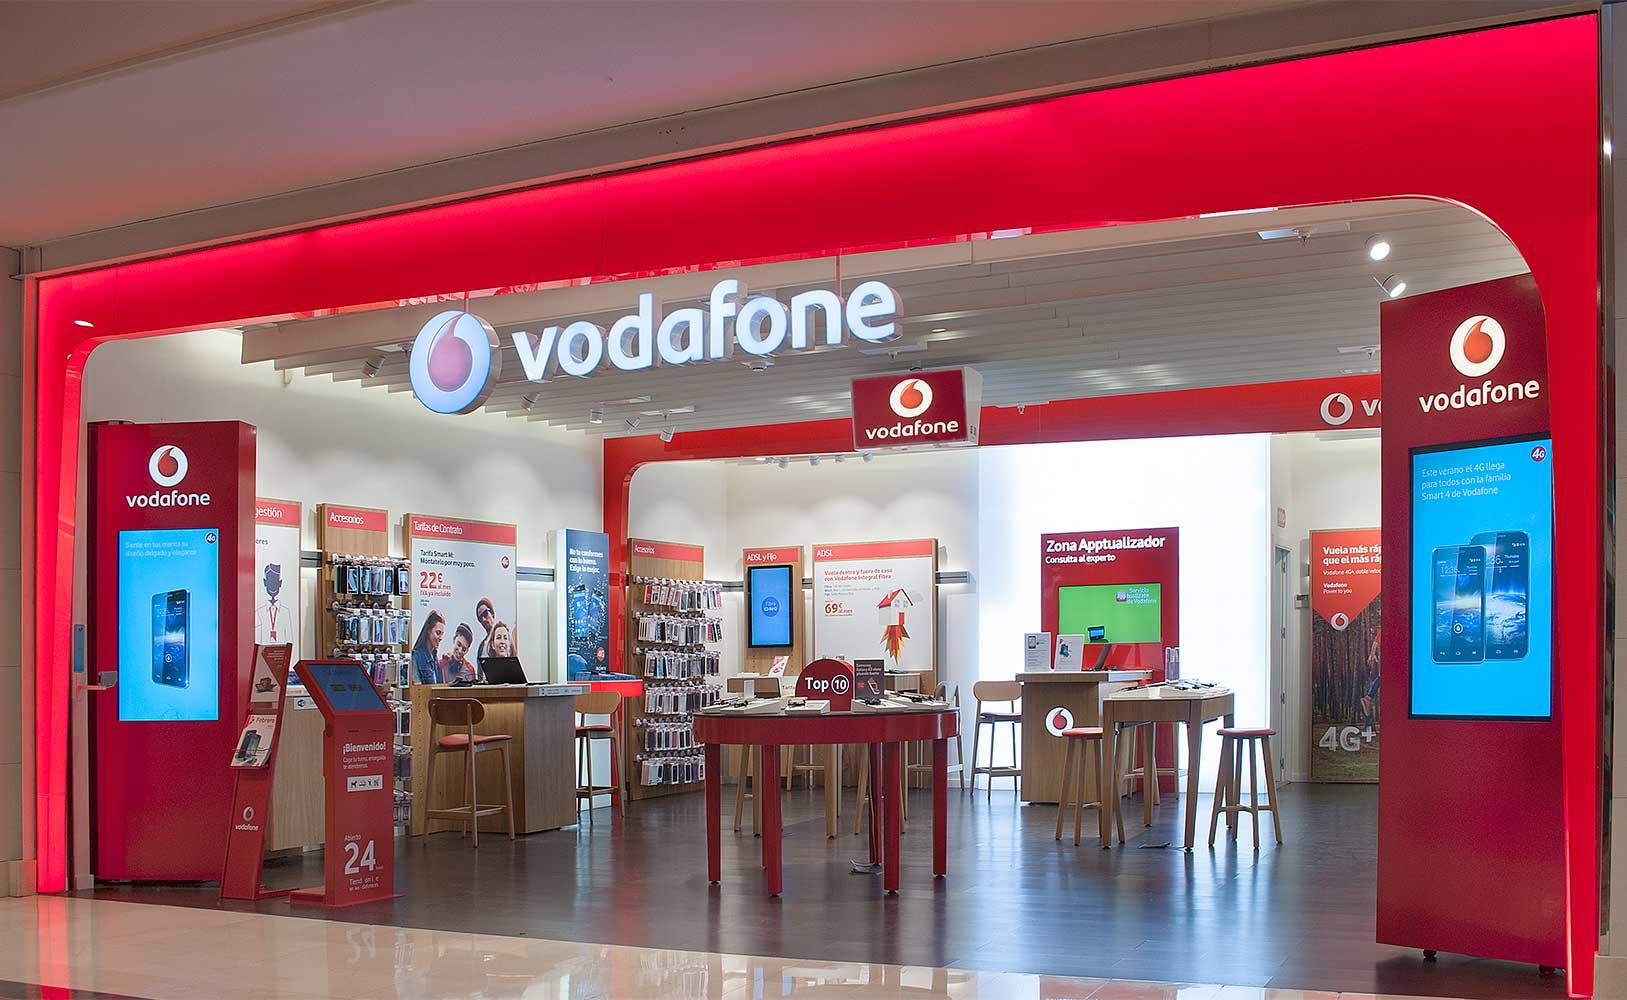 Interior de tienda Vodafone, comunicación visual fundamental para atraer al consumidor.